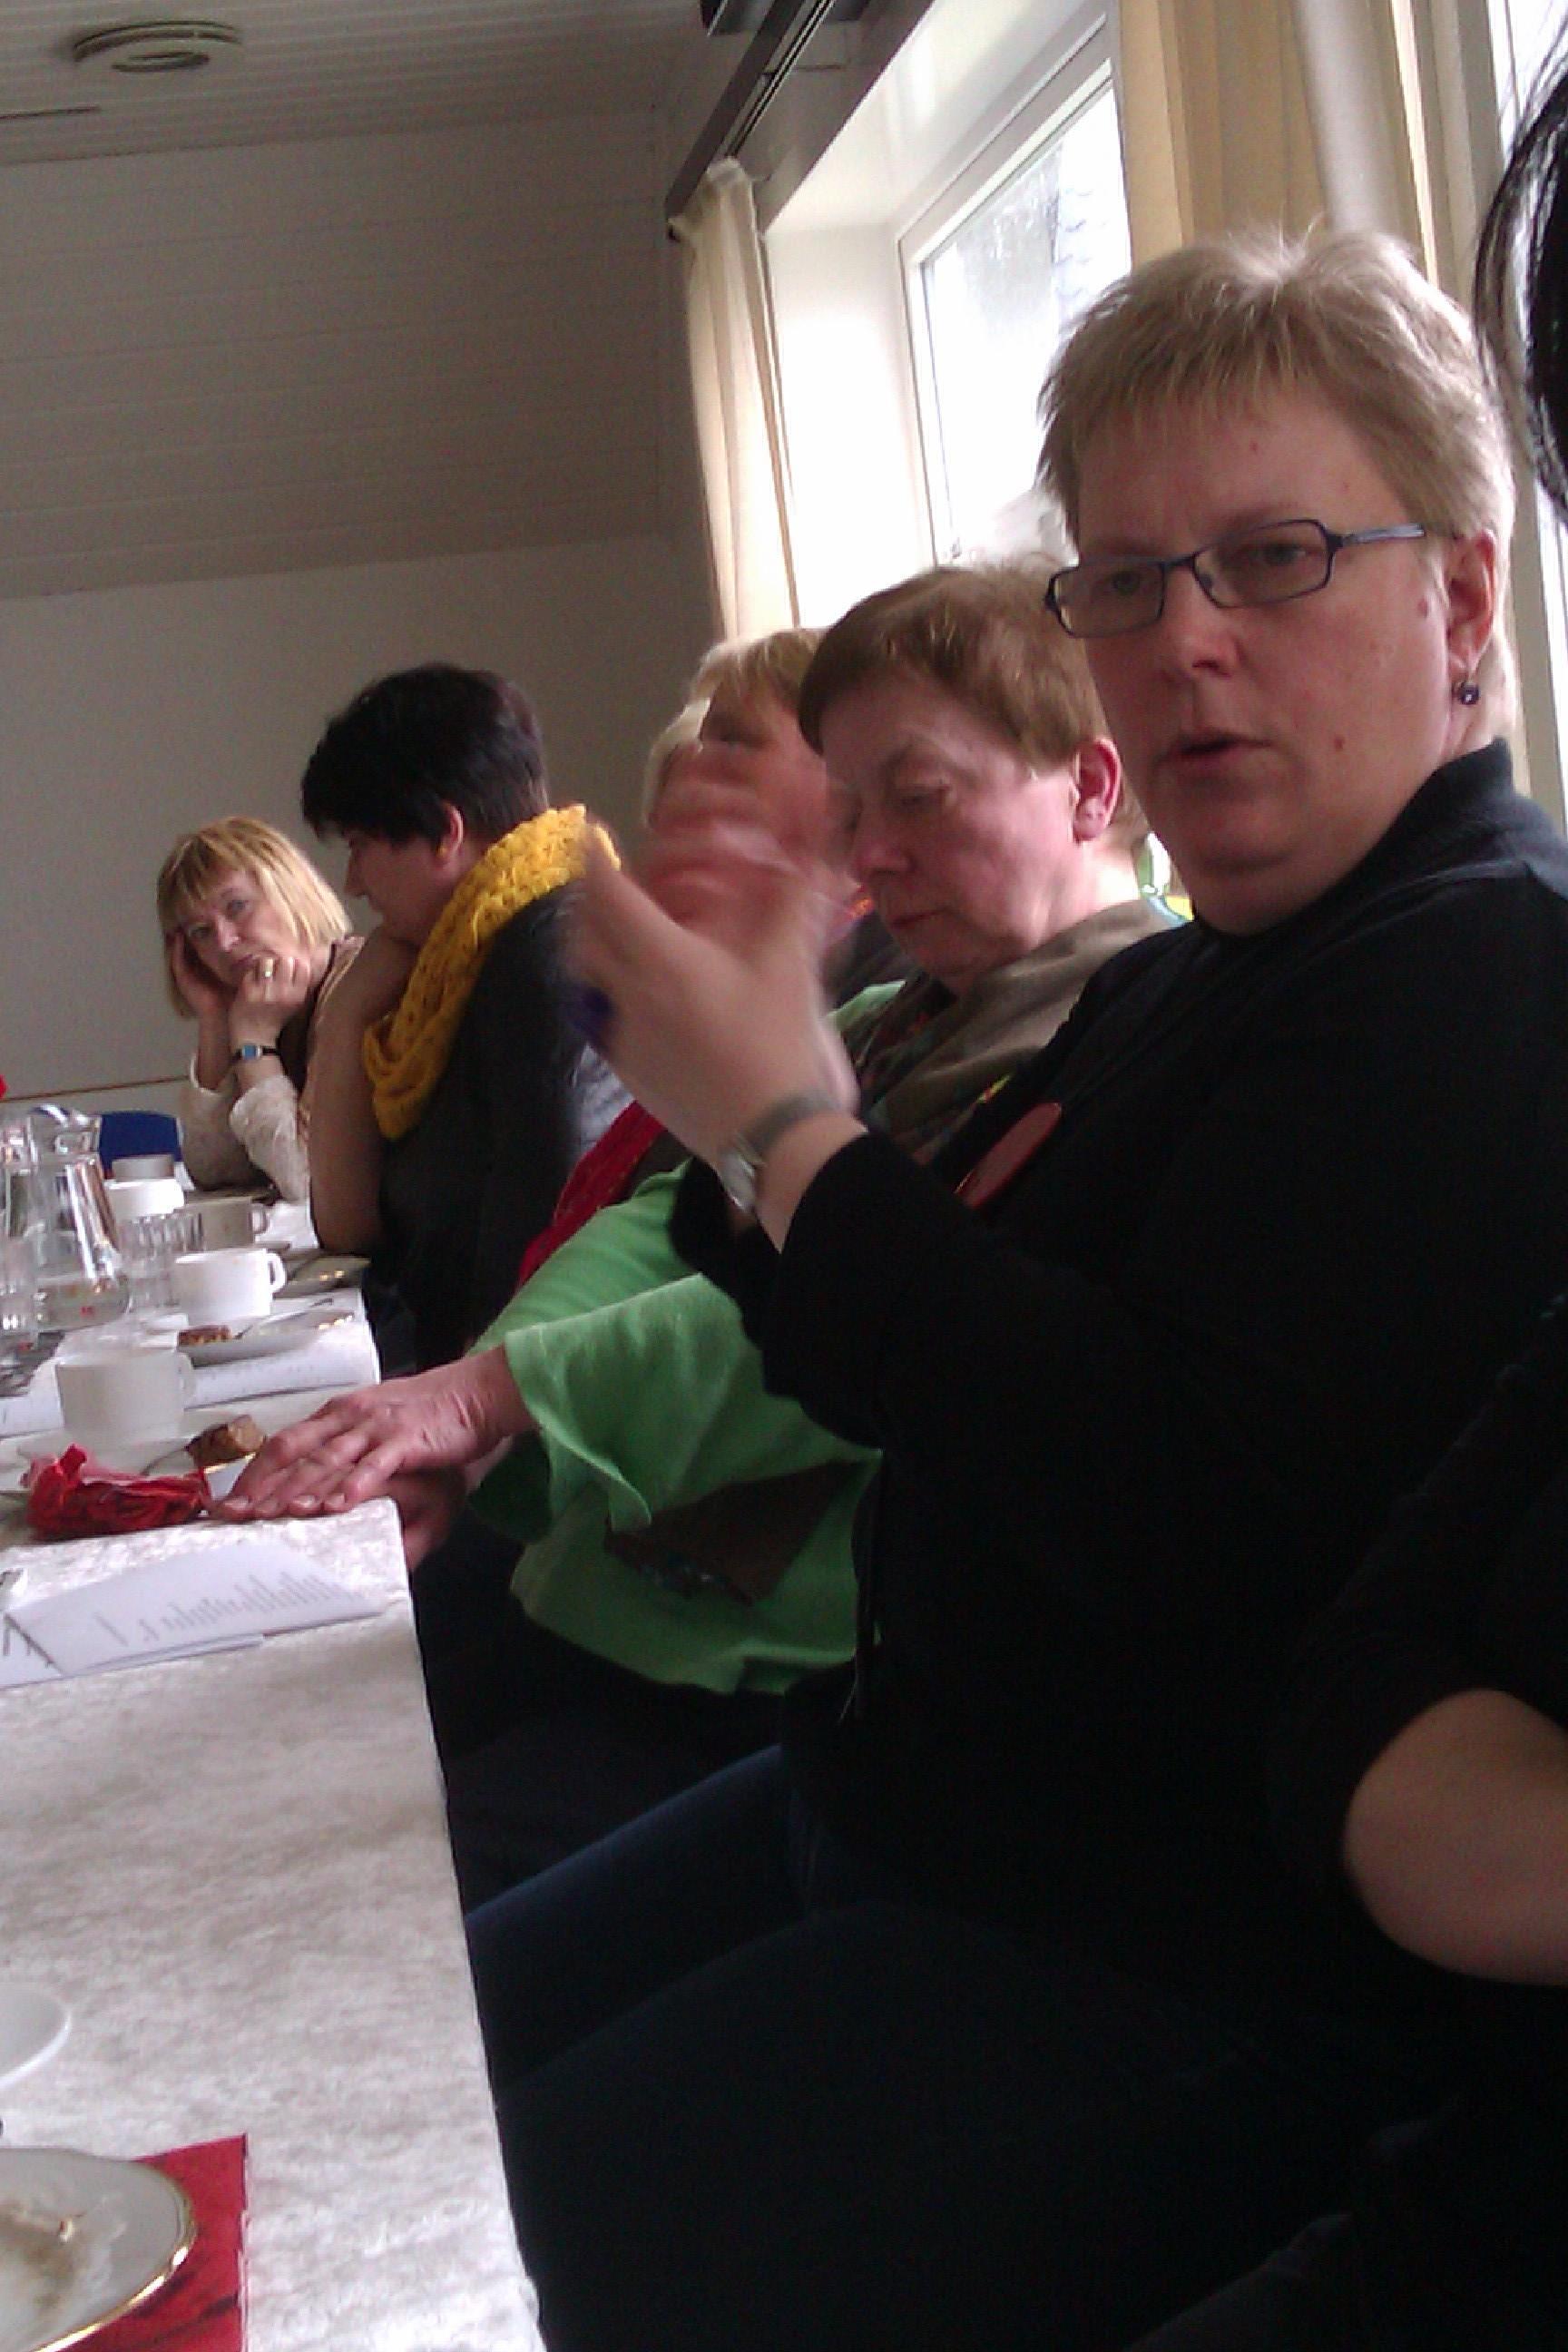 Annika Sølvará og aðrar megnarkvinnur. Ársfundur 2012. Kongshavnar Kvinnufelag vertinnur.